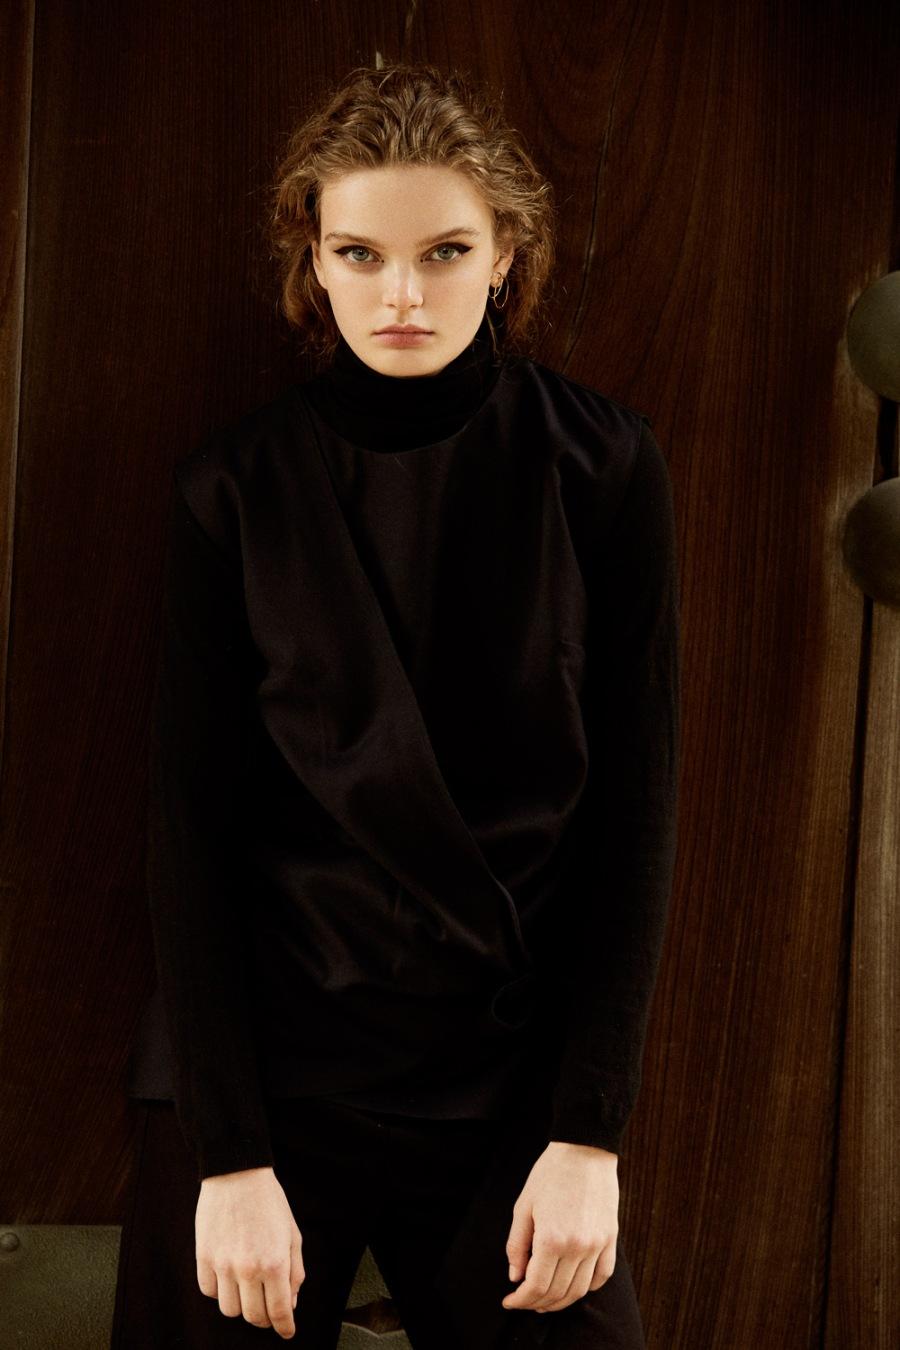 Martha-Wiggers-Fashion-Editorial-Tokyo-By-OracleFox-Journal-FashionWonderer (6)